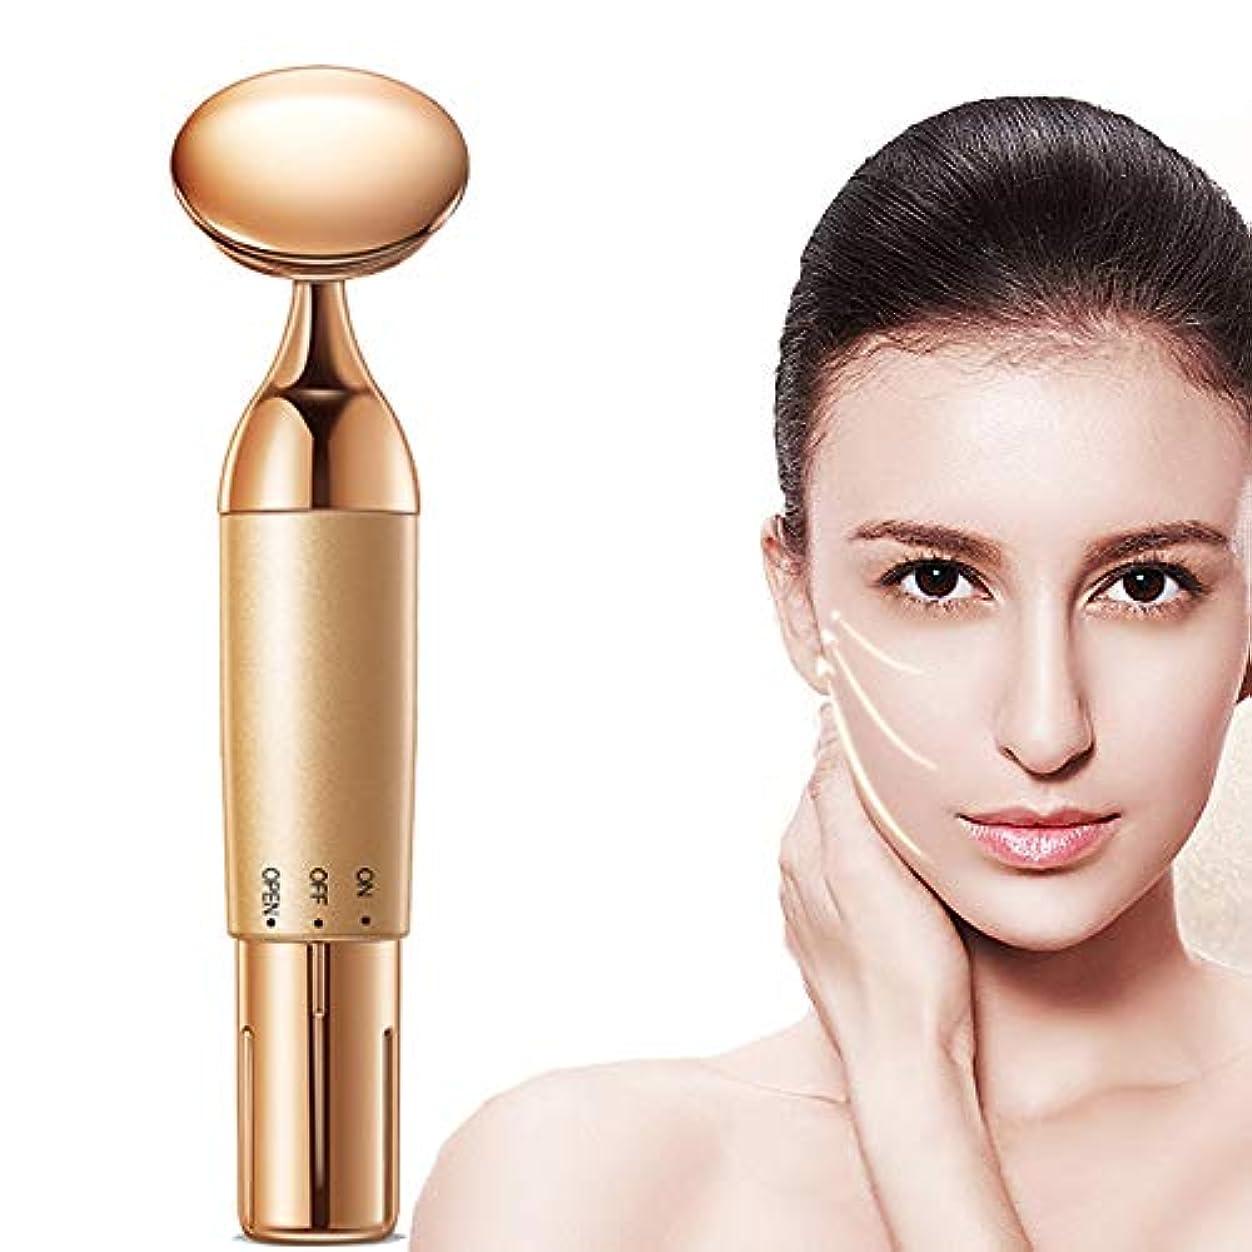 不実鮫商人RF lifting device Facial beauty massager facial lifting firming wrinkle removal eye bags roller